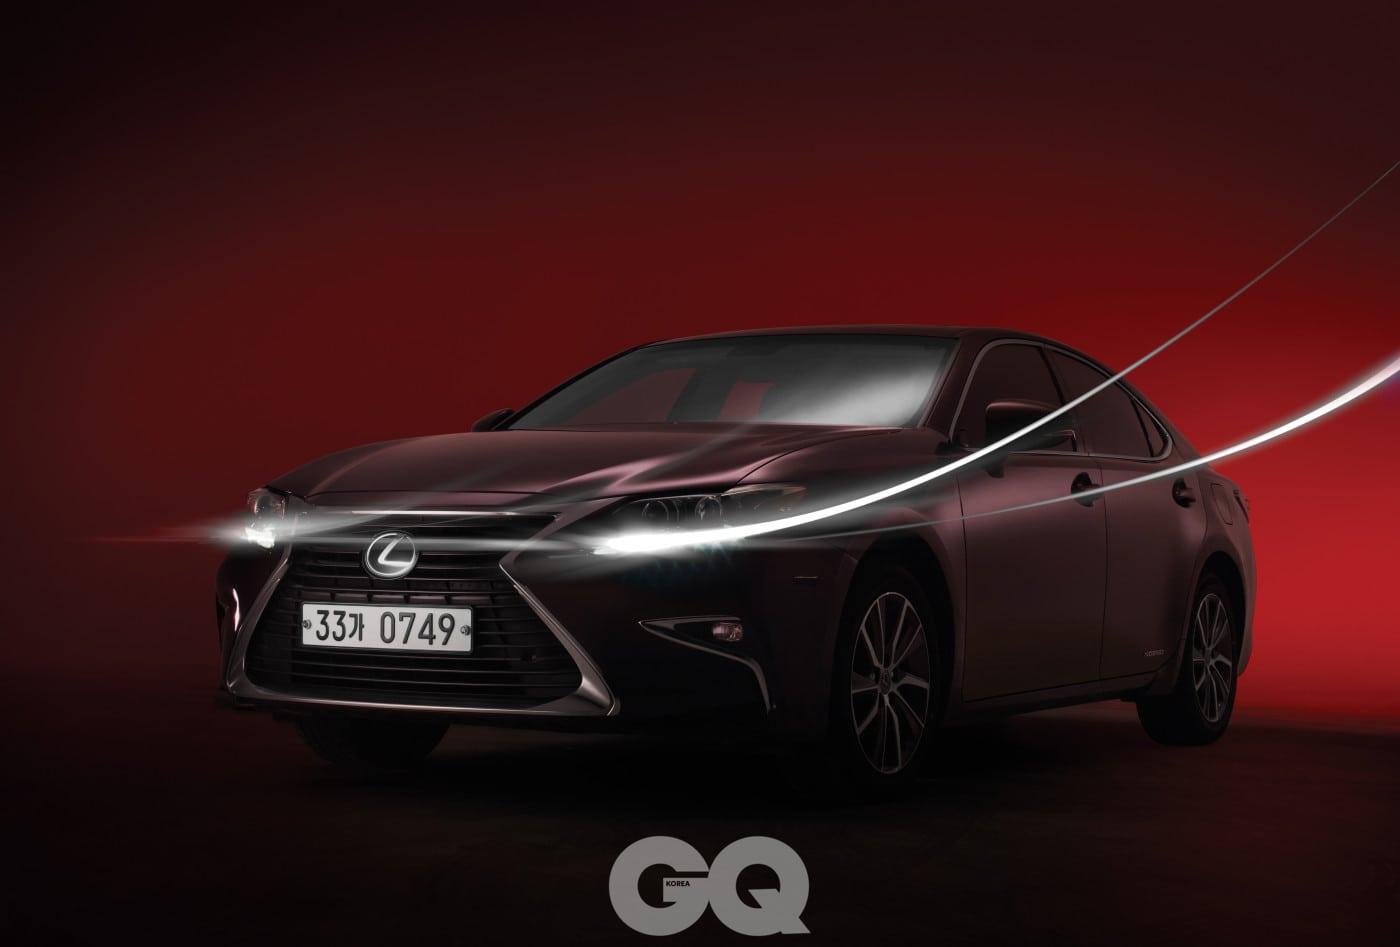 180305 GQ(car)_0017-2